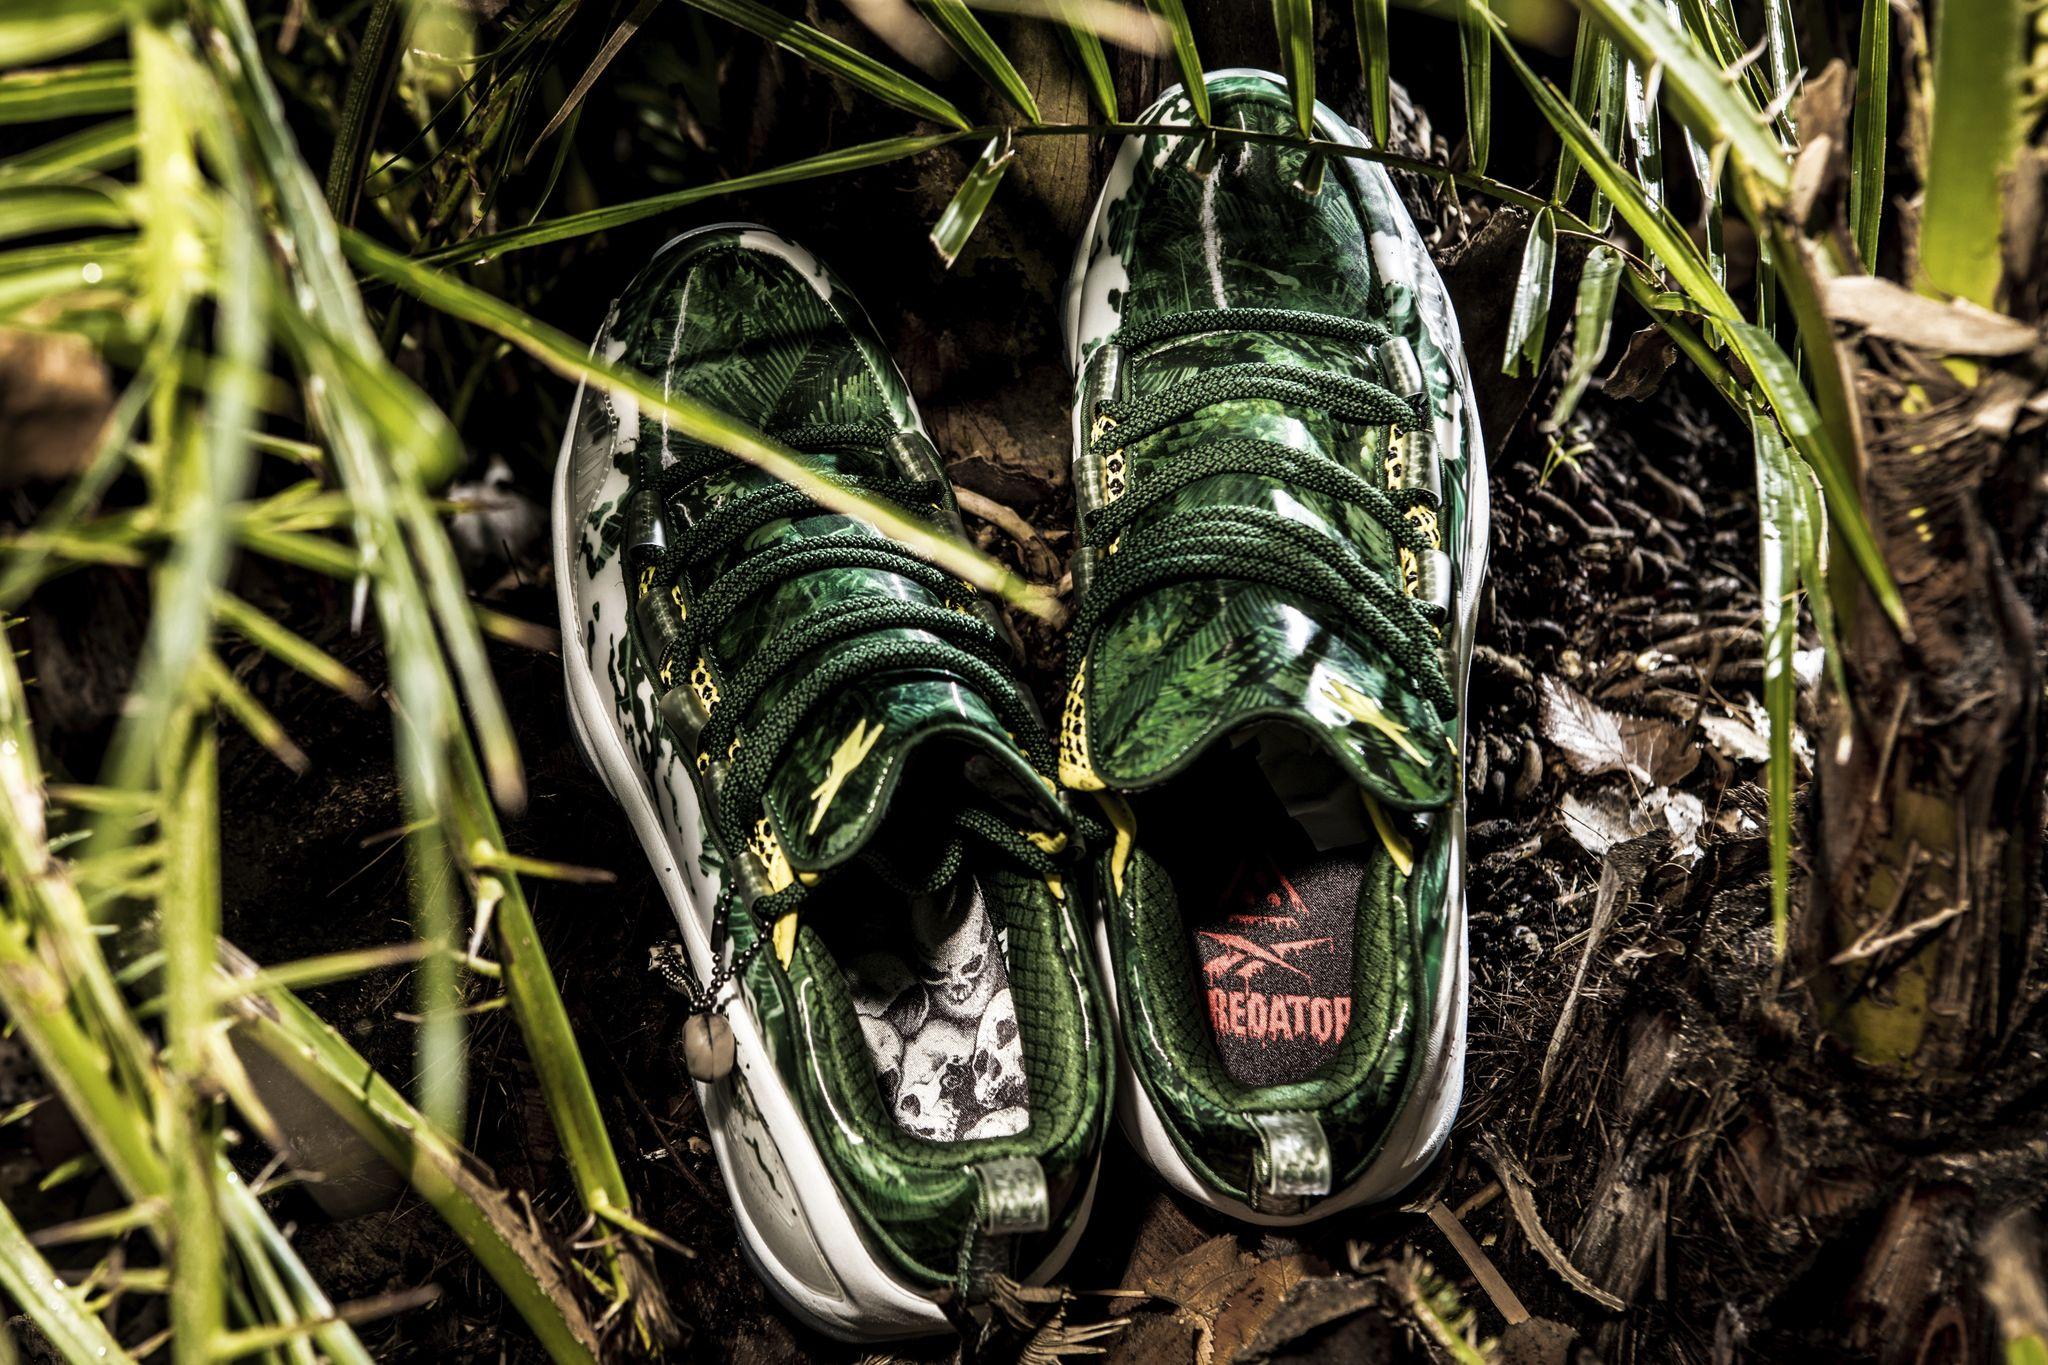 Reebok DMX Run 10 x Predator Shoes